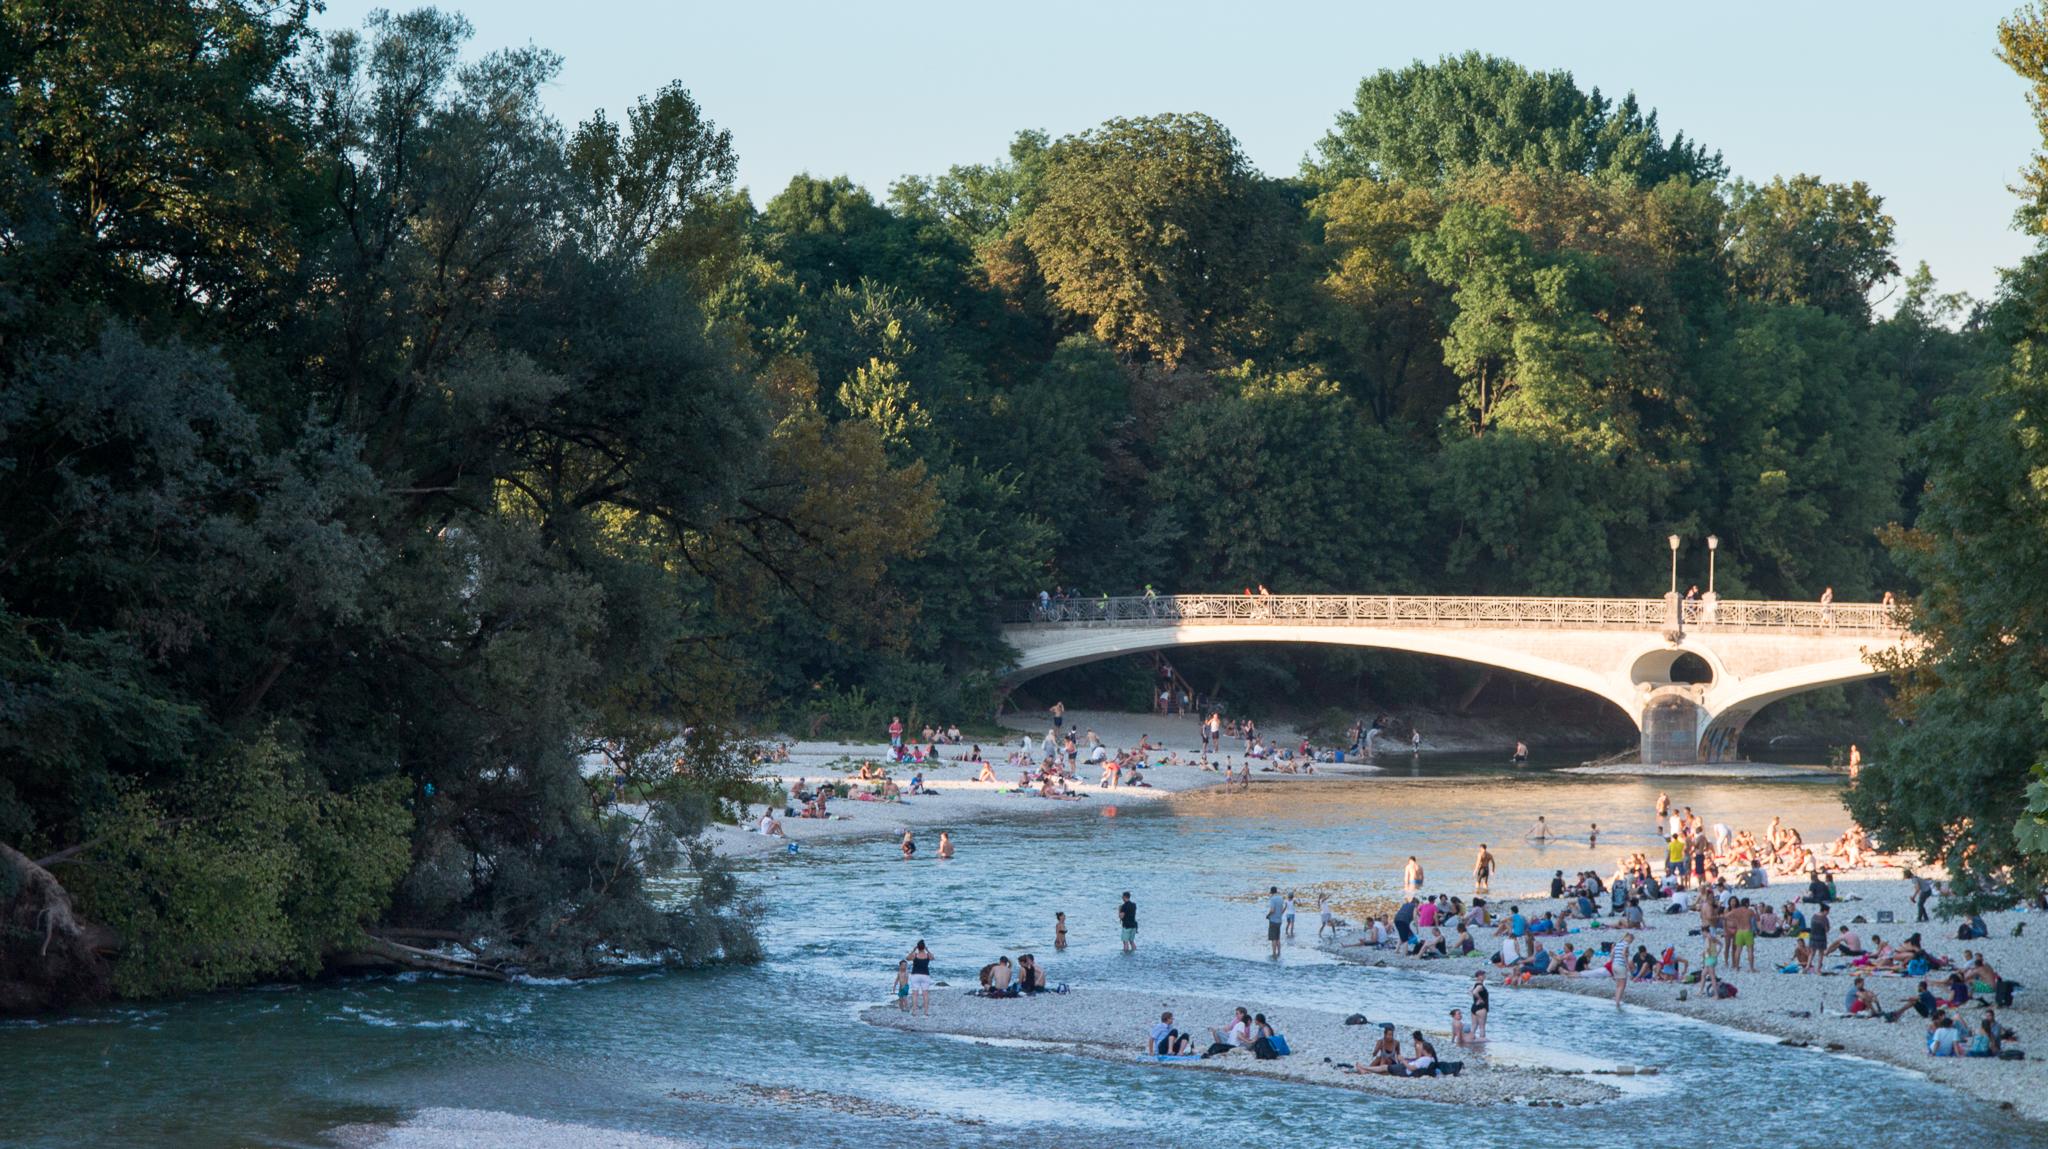 2016-08-31-München-Isar-Schwimmen